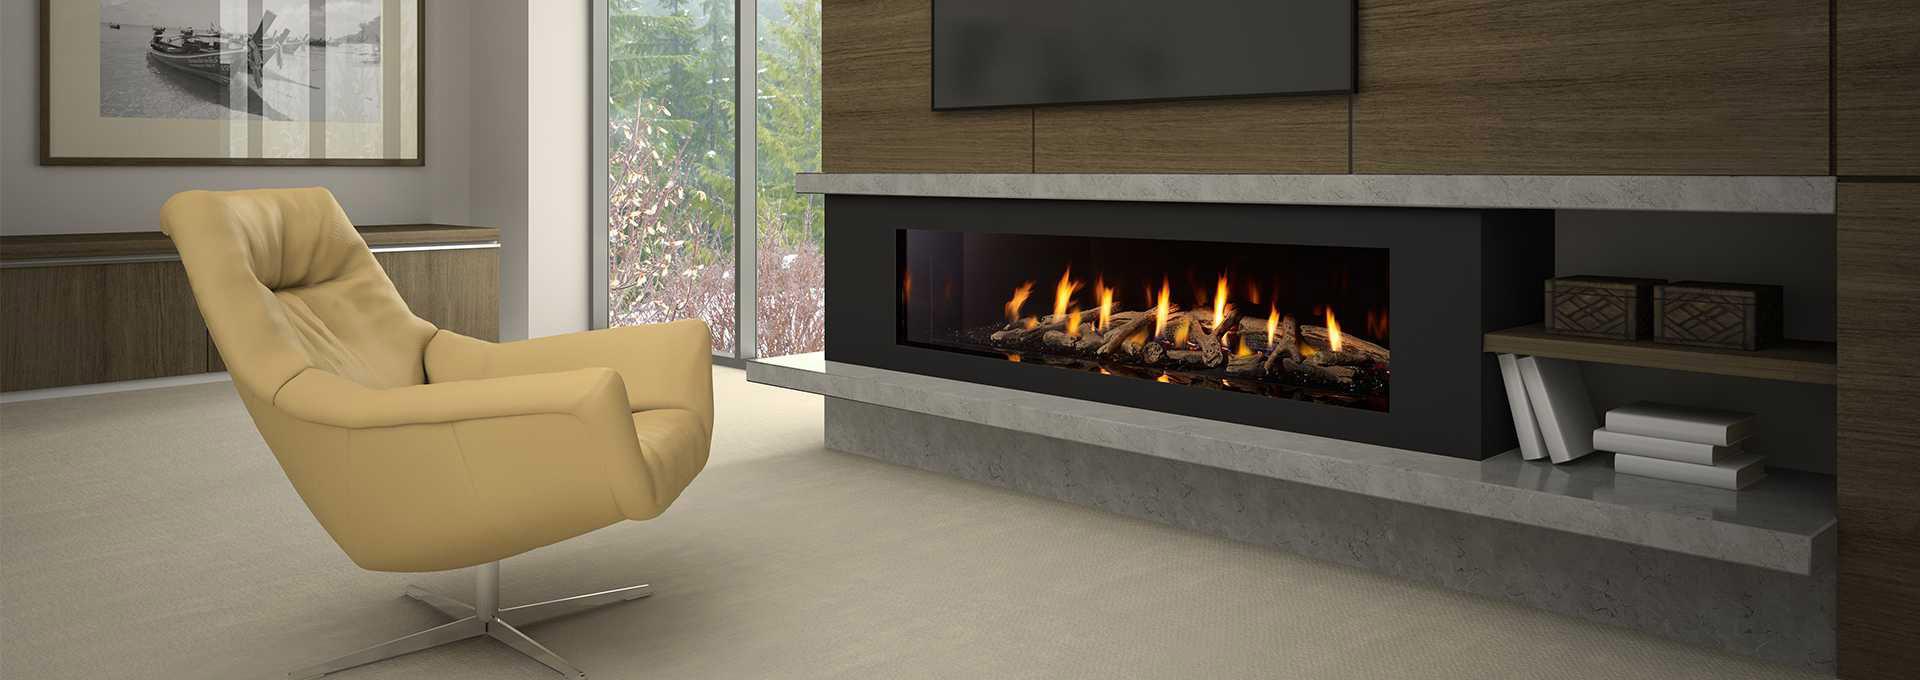 fireplace banner - طراحی شومینه